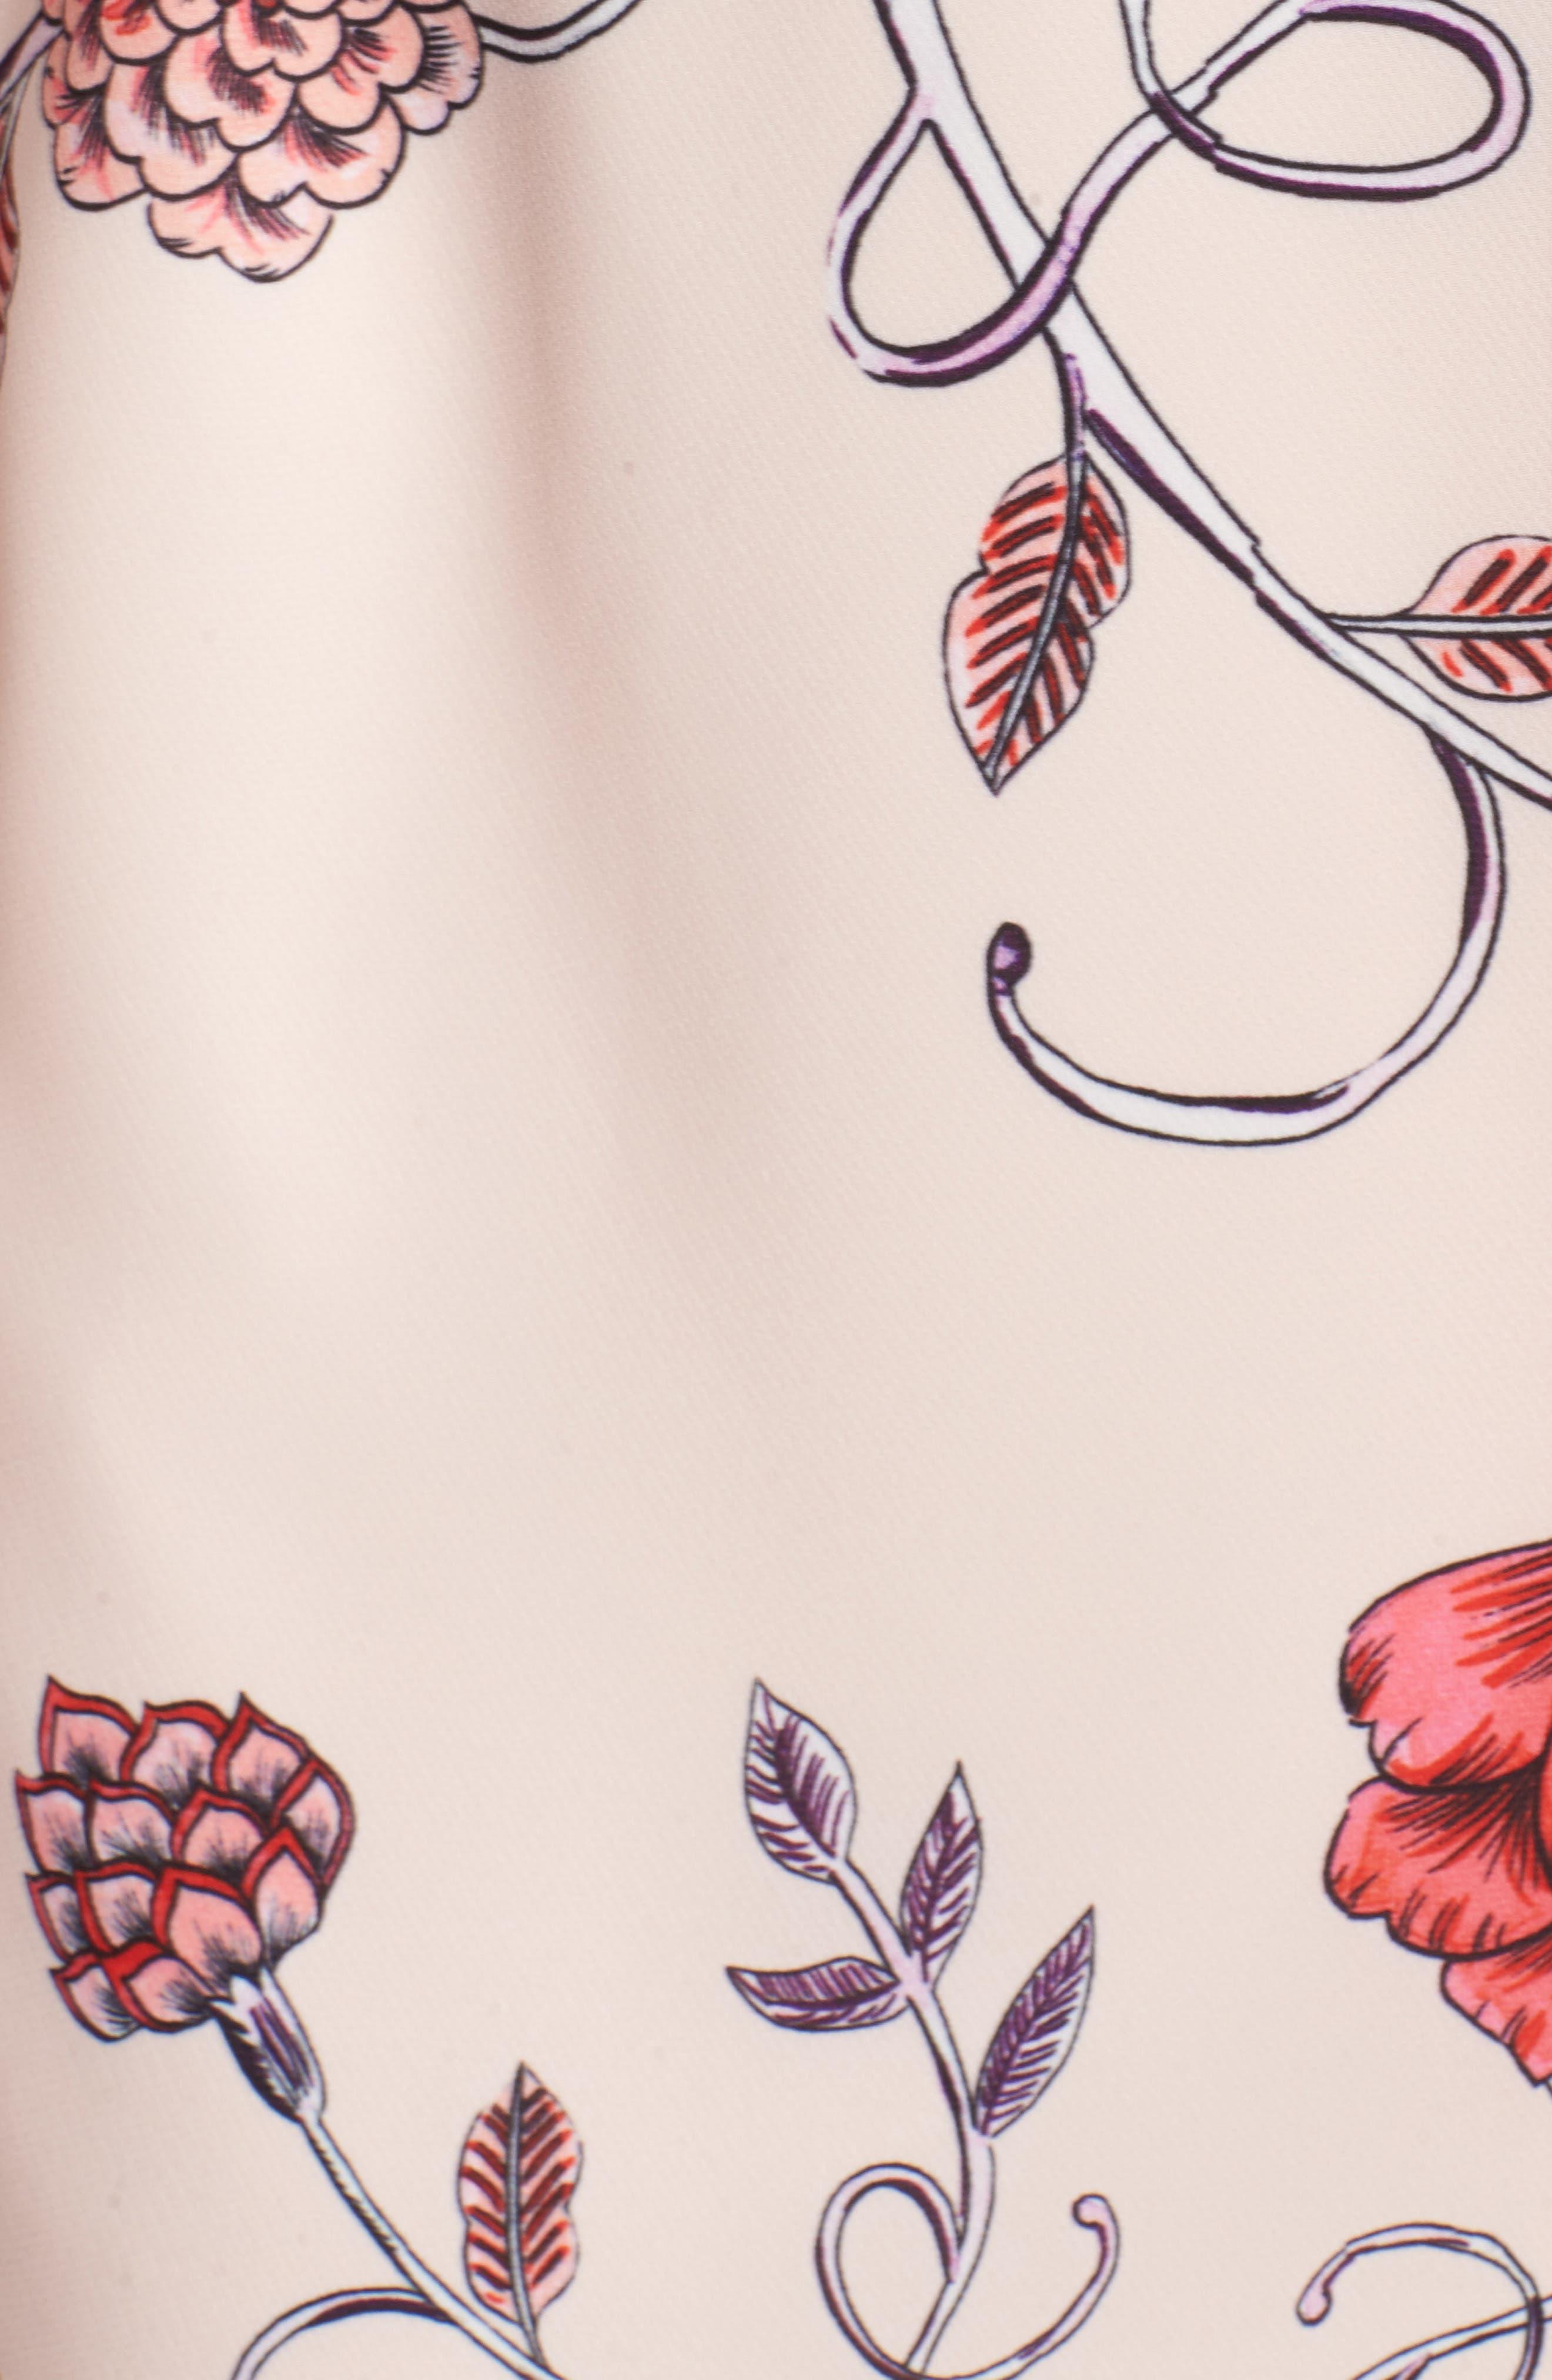 Sakura Bell Sleeve Dress,                             Alternate thumbnail 5, color,                             650